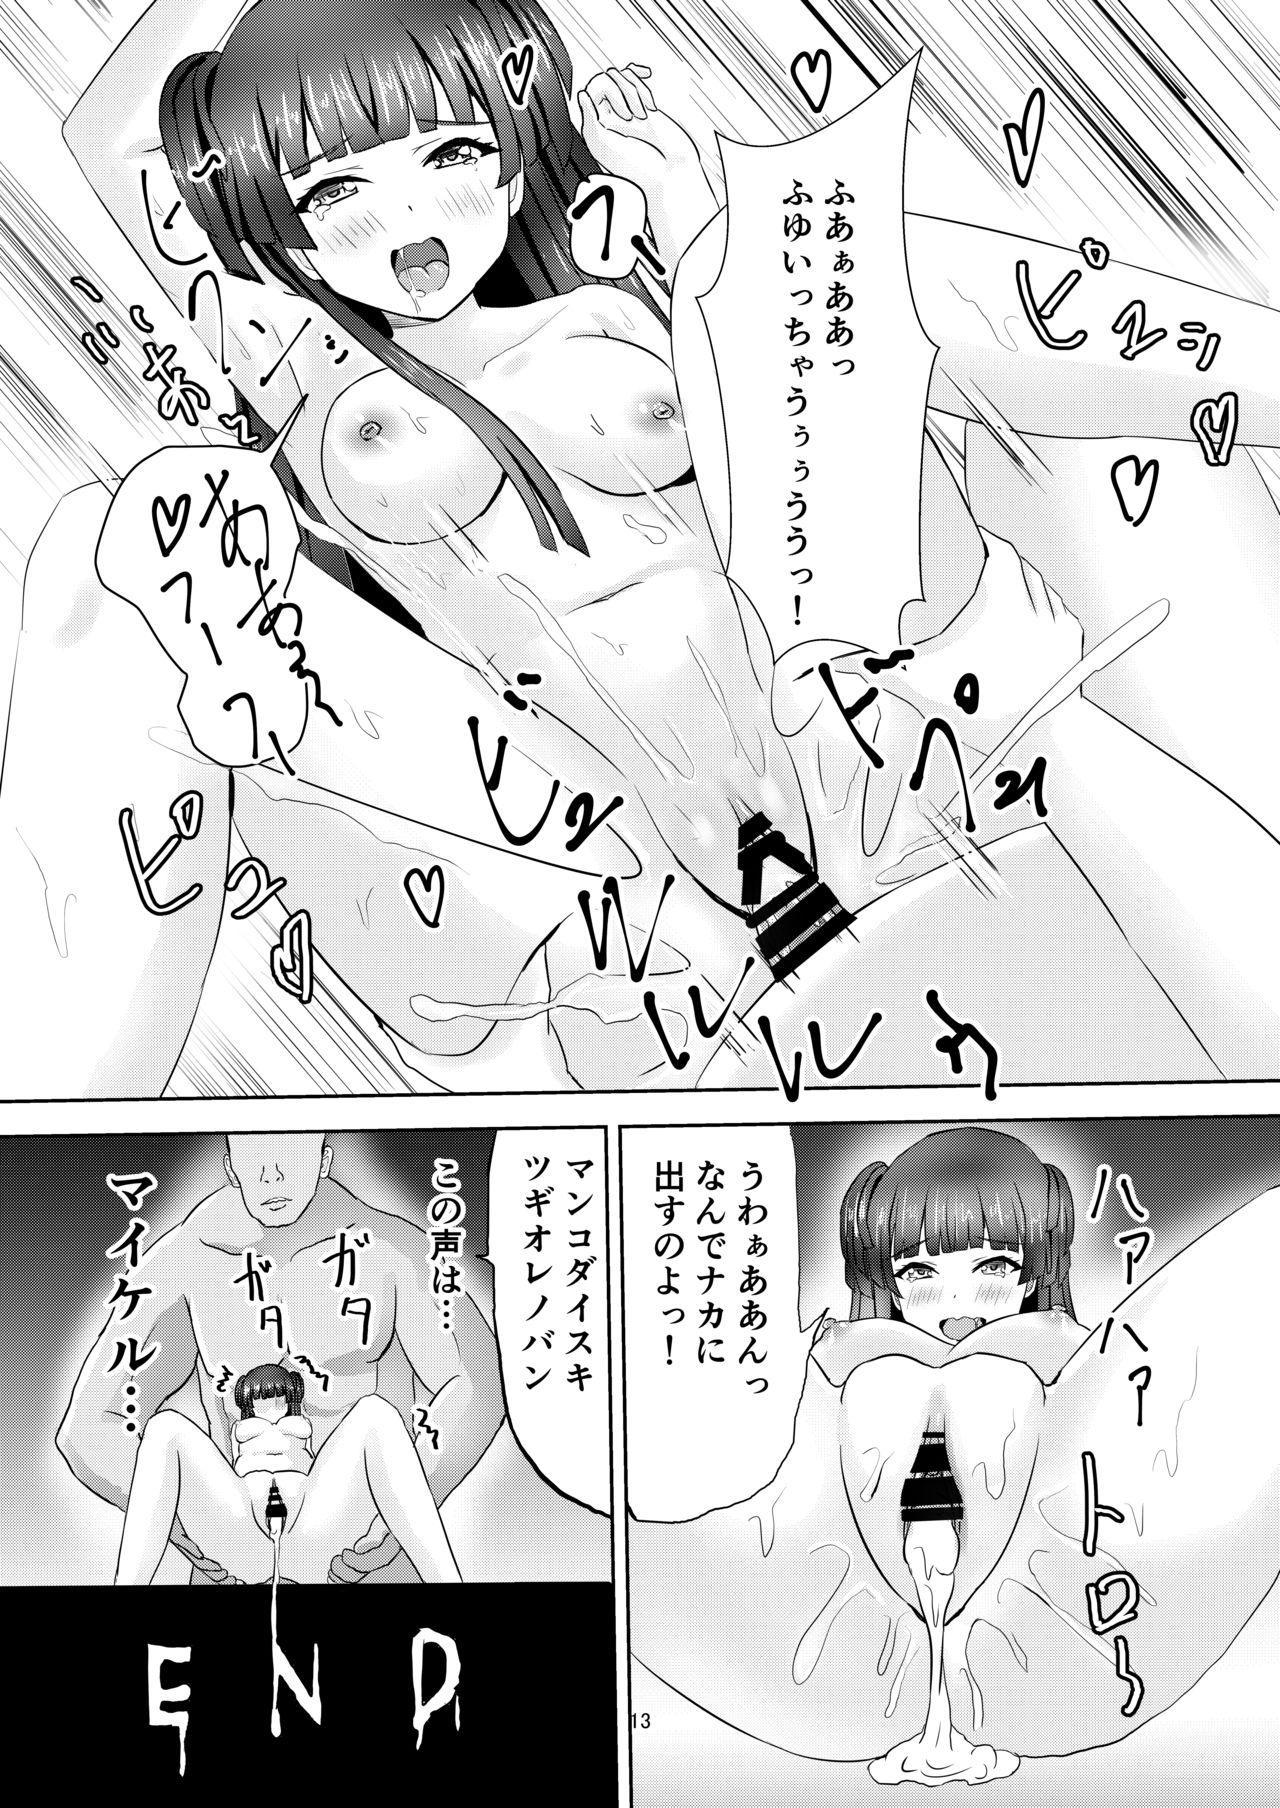 Fuyuko-chan no Yami Eigyou 13